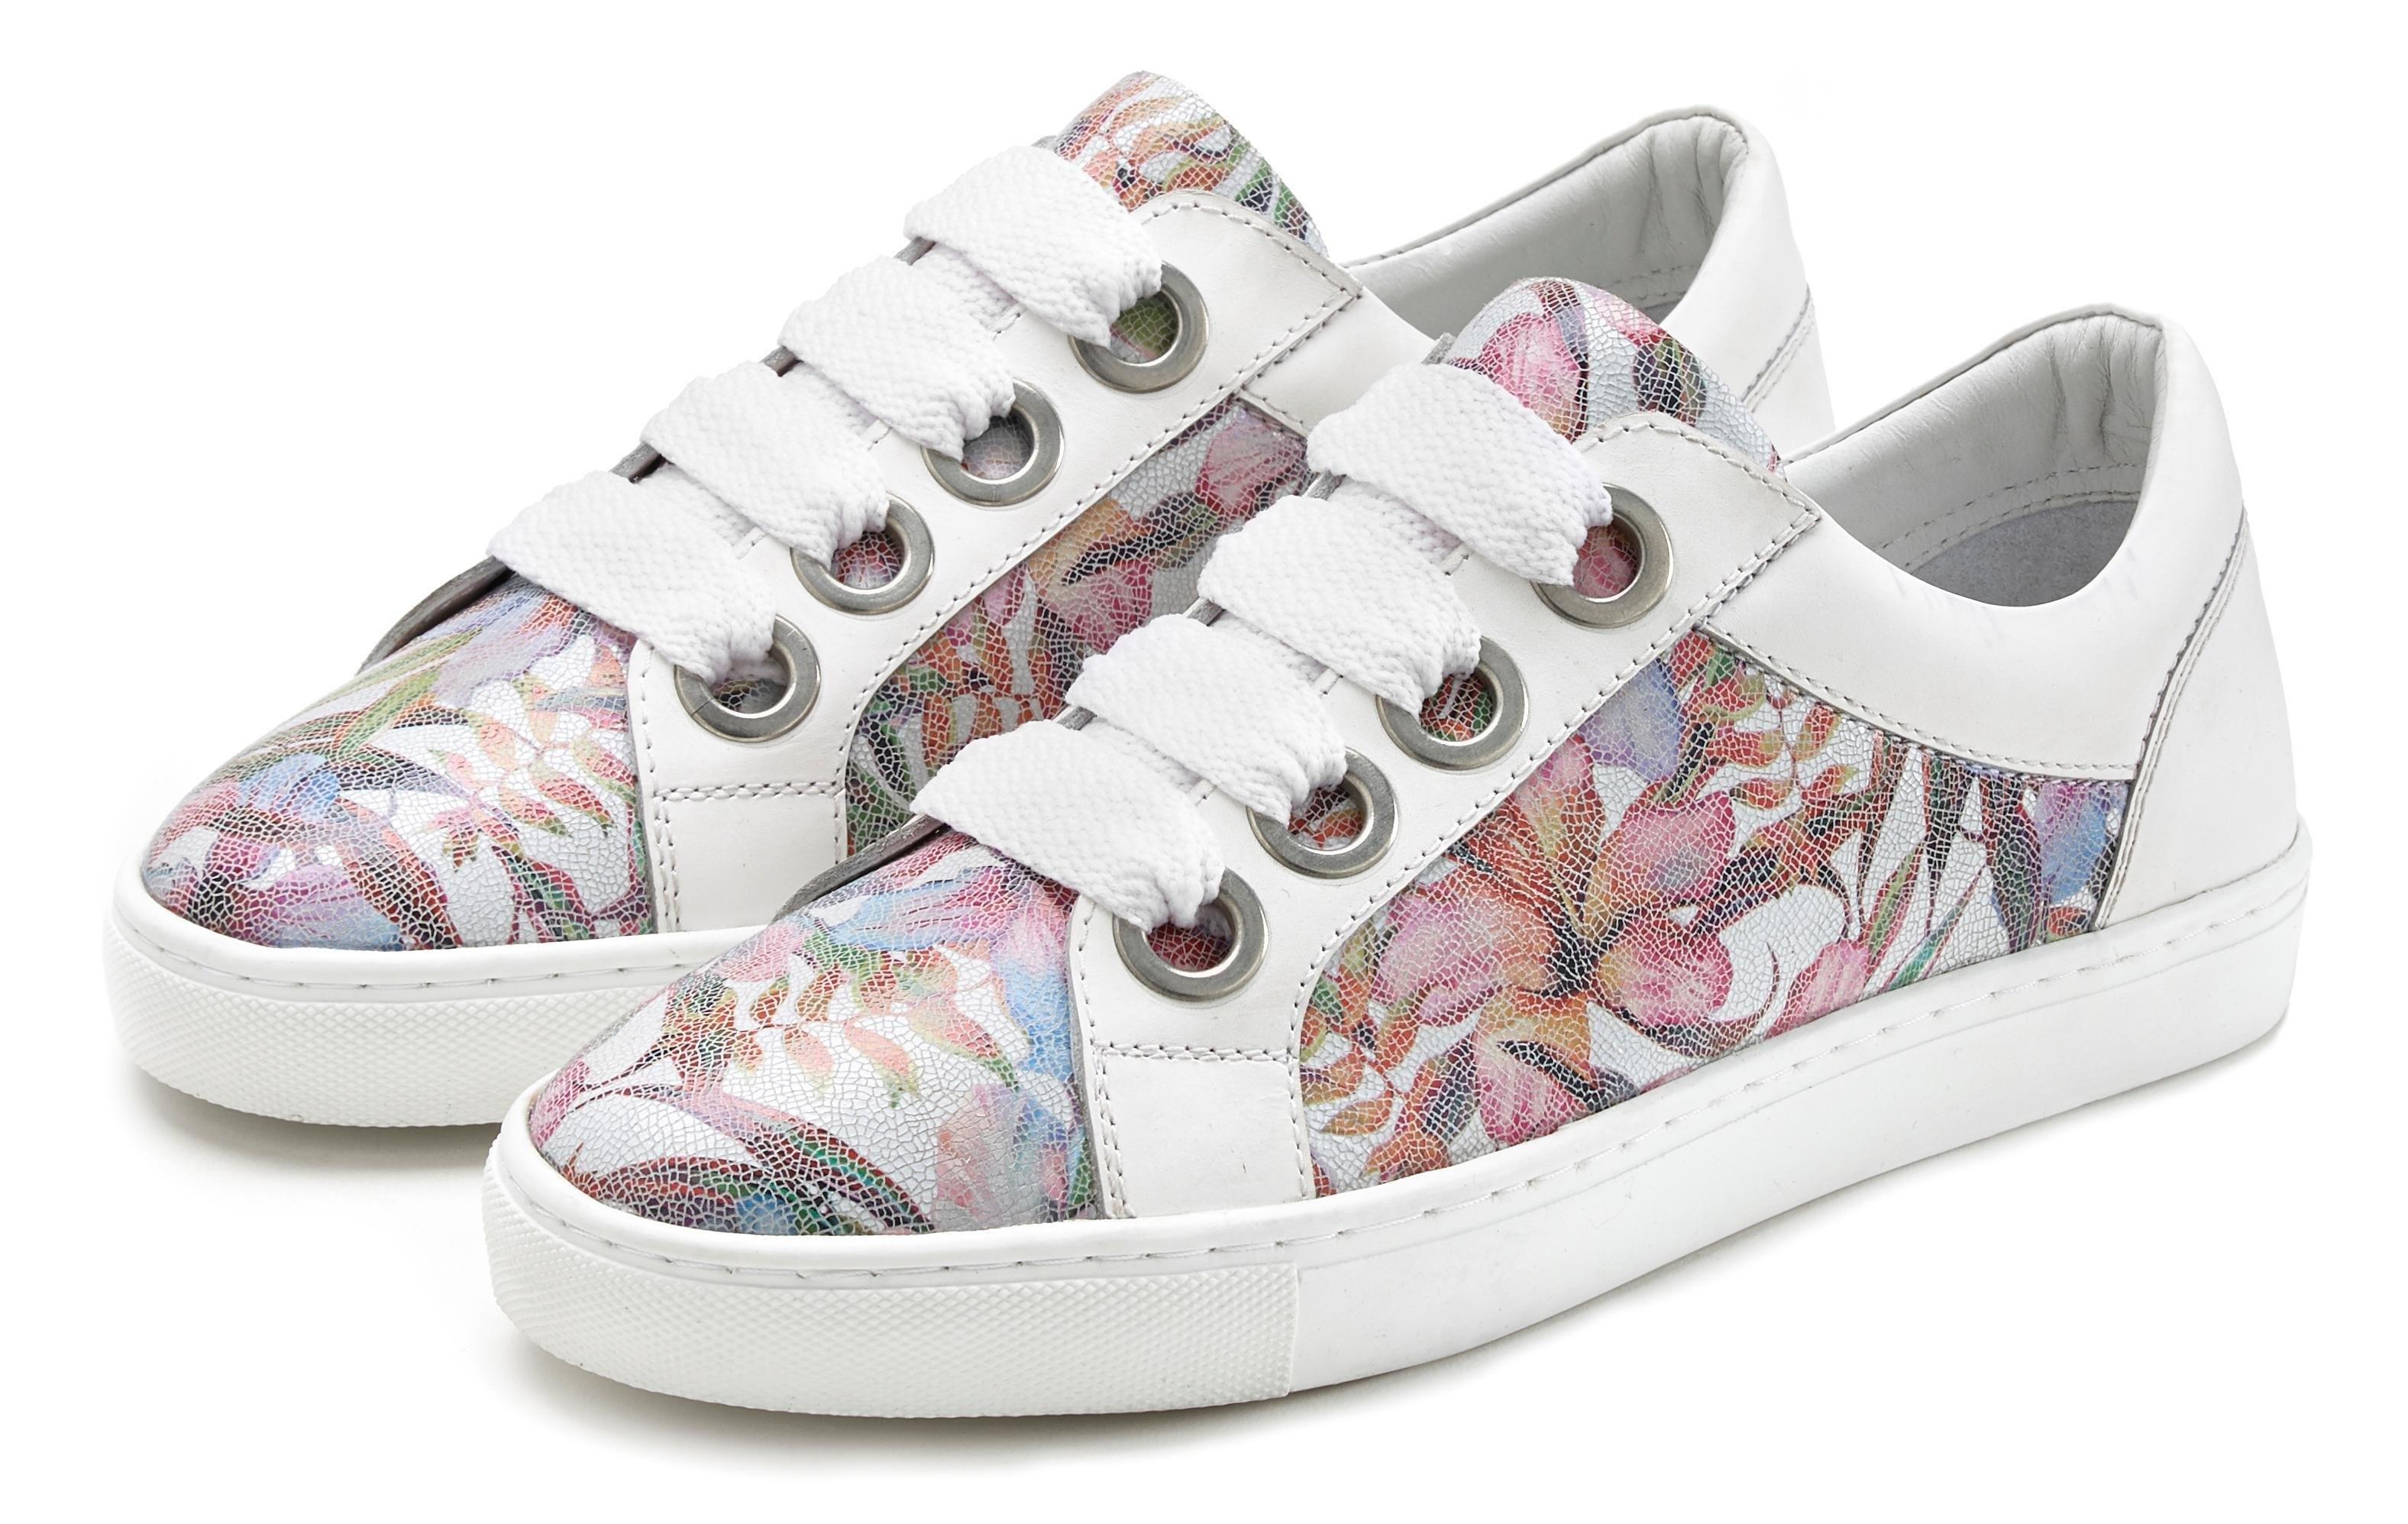 Lascana Sneakers van leer met bloemenprint bestellen: 30 dagen bedenktijd